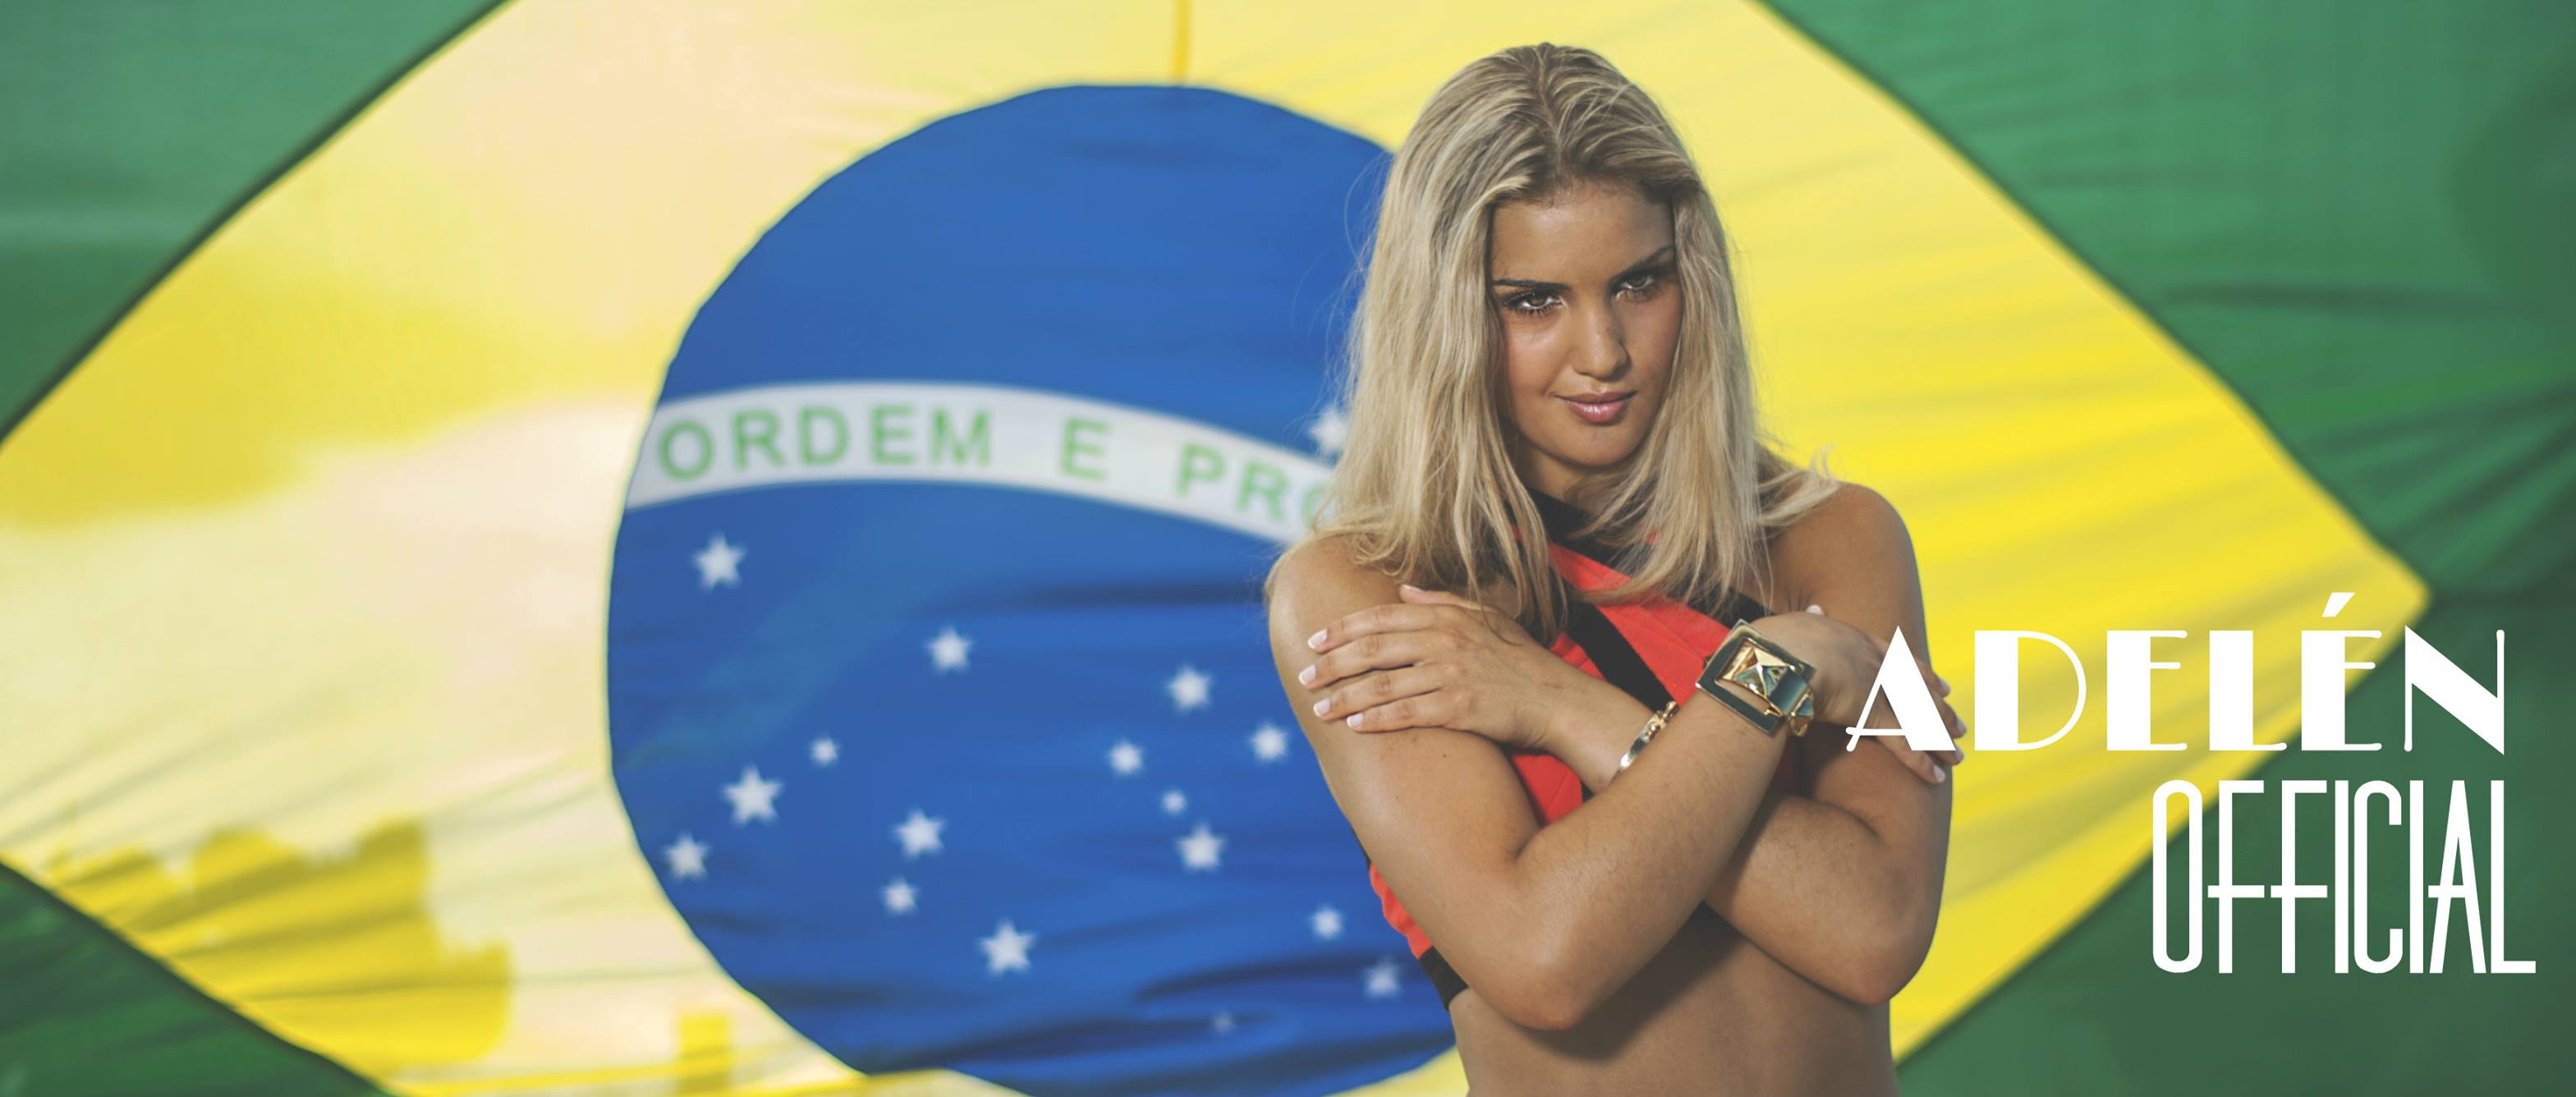 Adelen. Official FIFA World Cup song